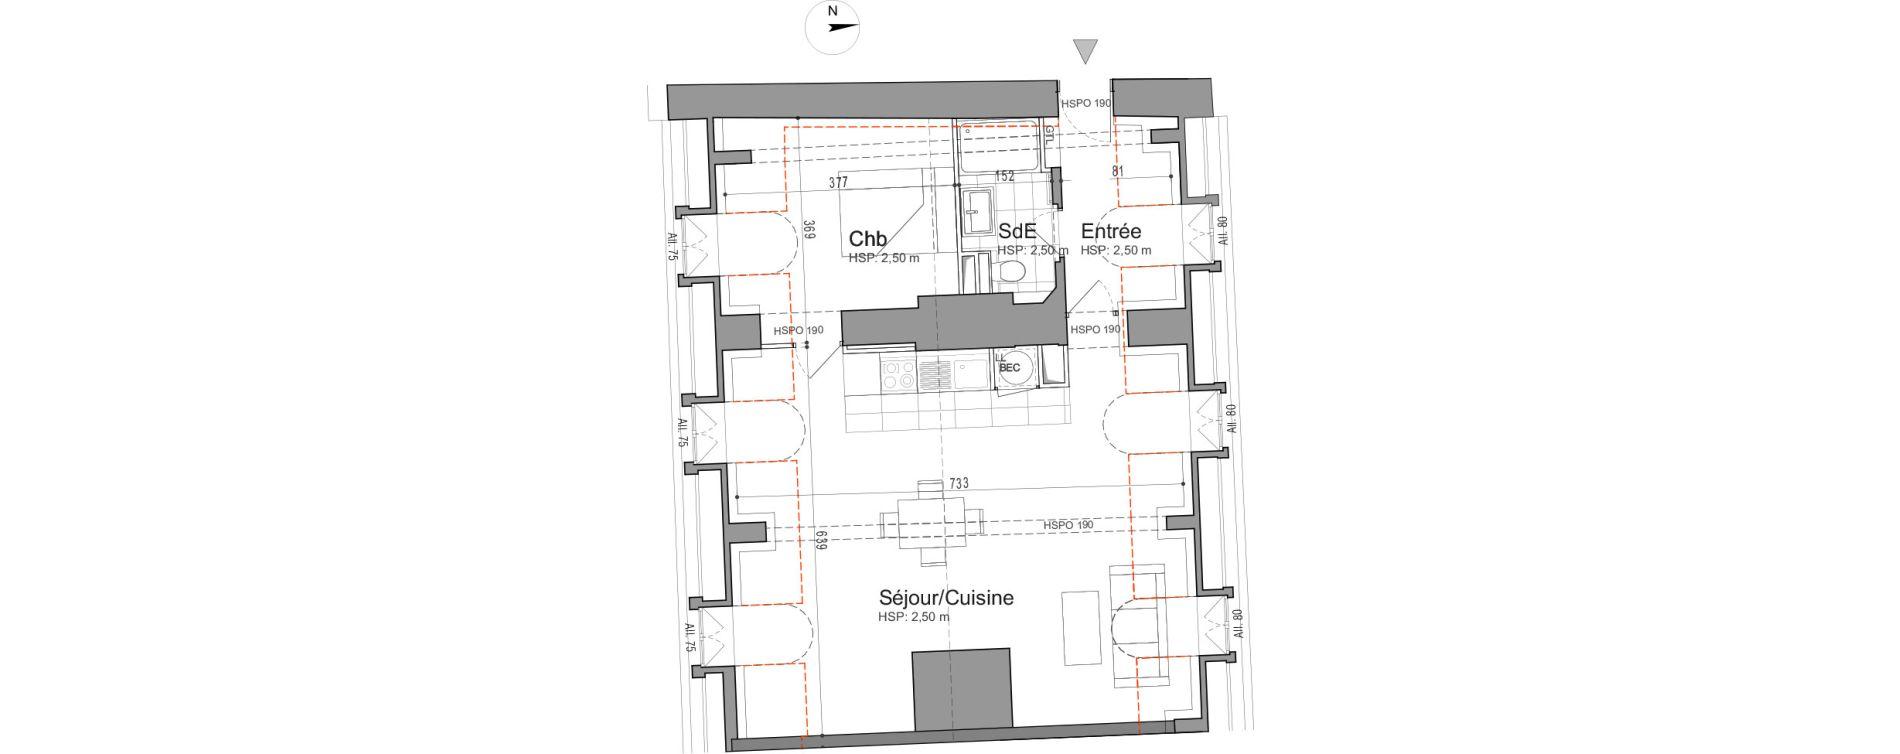 Appartement T2 de 53,70 m2 à Jouars-Pontchartrain Centre